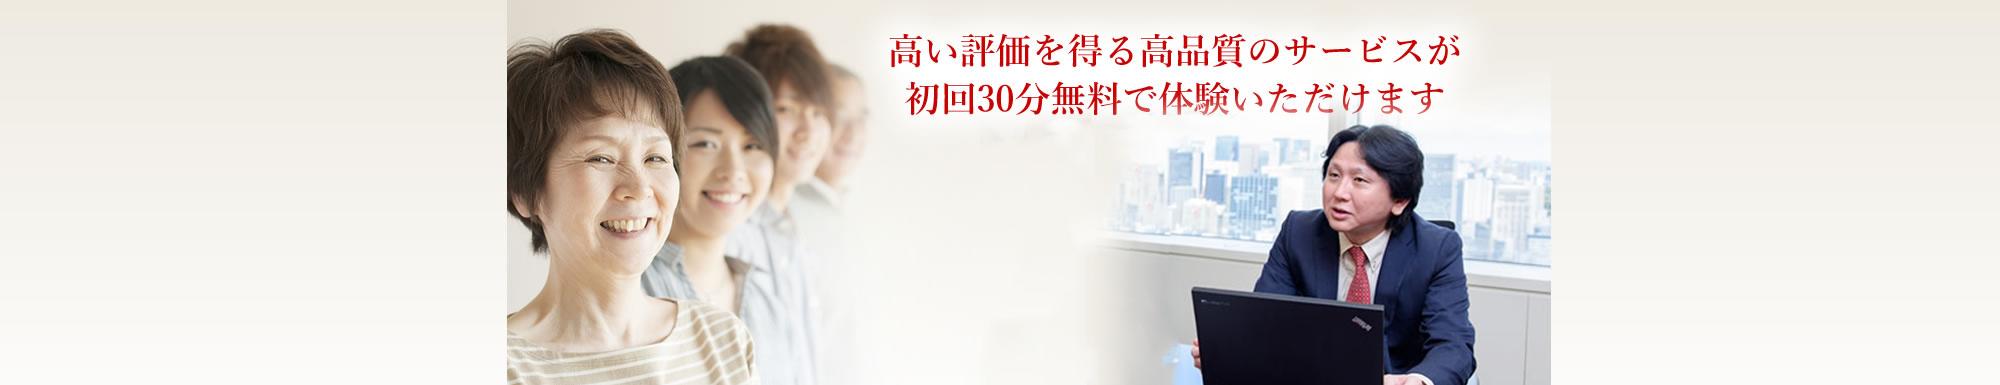 高い評価を得る高品質のサービスが初回30分無料で体験いただけます